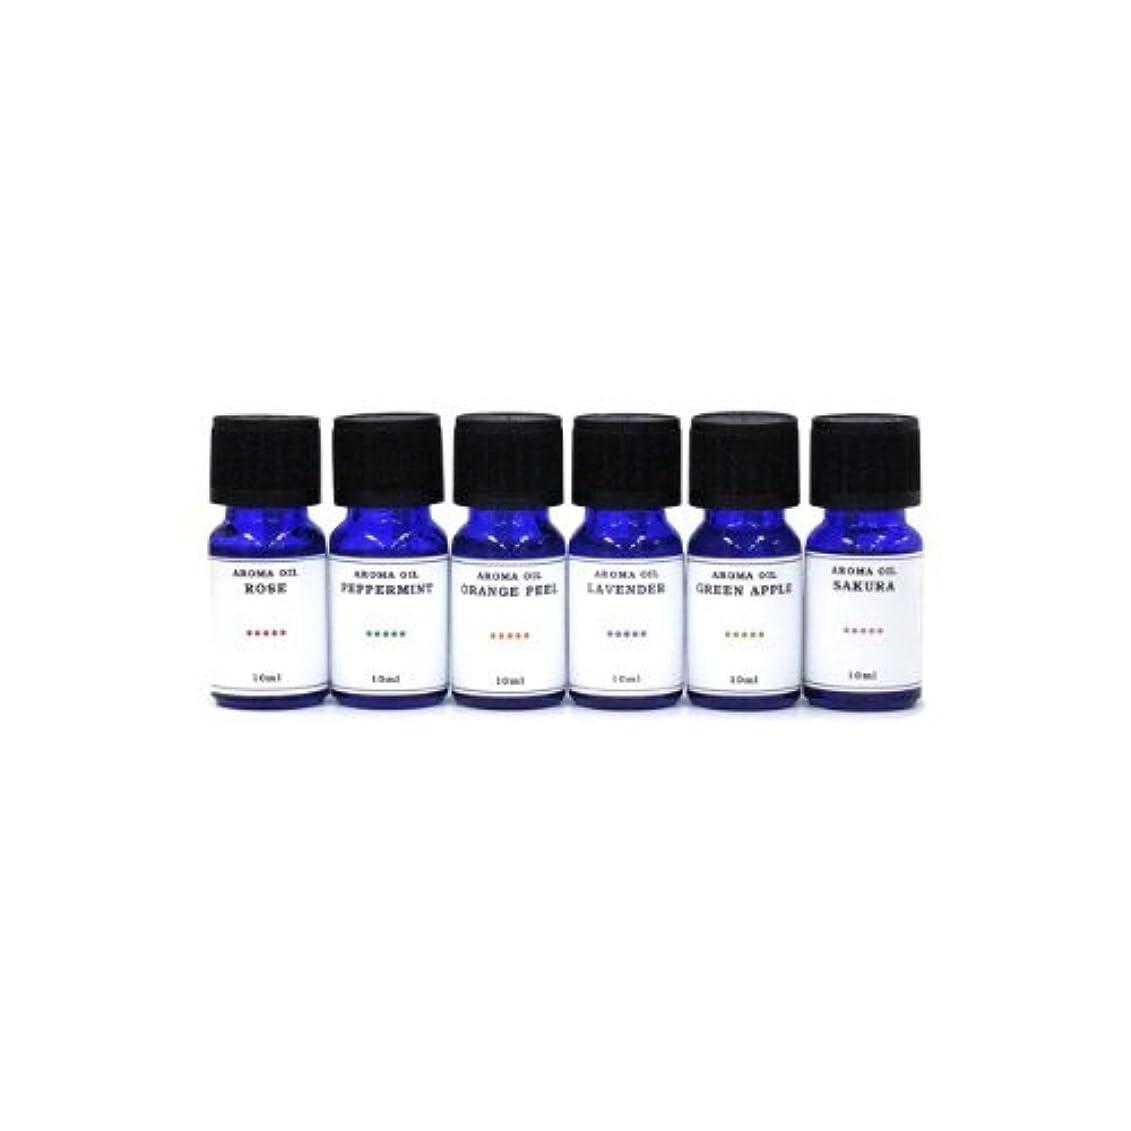 簡単に沿って不純水溶性アロマオイル 6種の香りセット ラベンダー/ペパーミント/オレンジピール/サクラ/グリーンアップル/ローズ